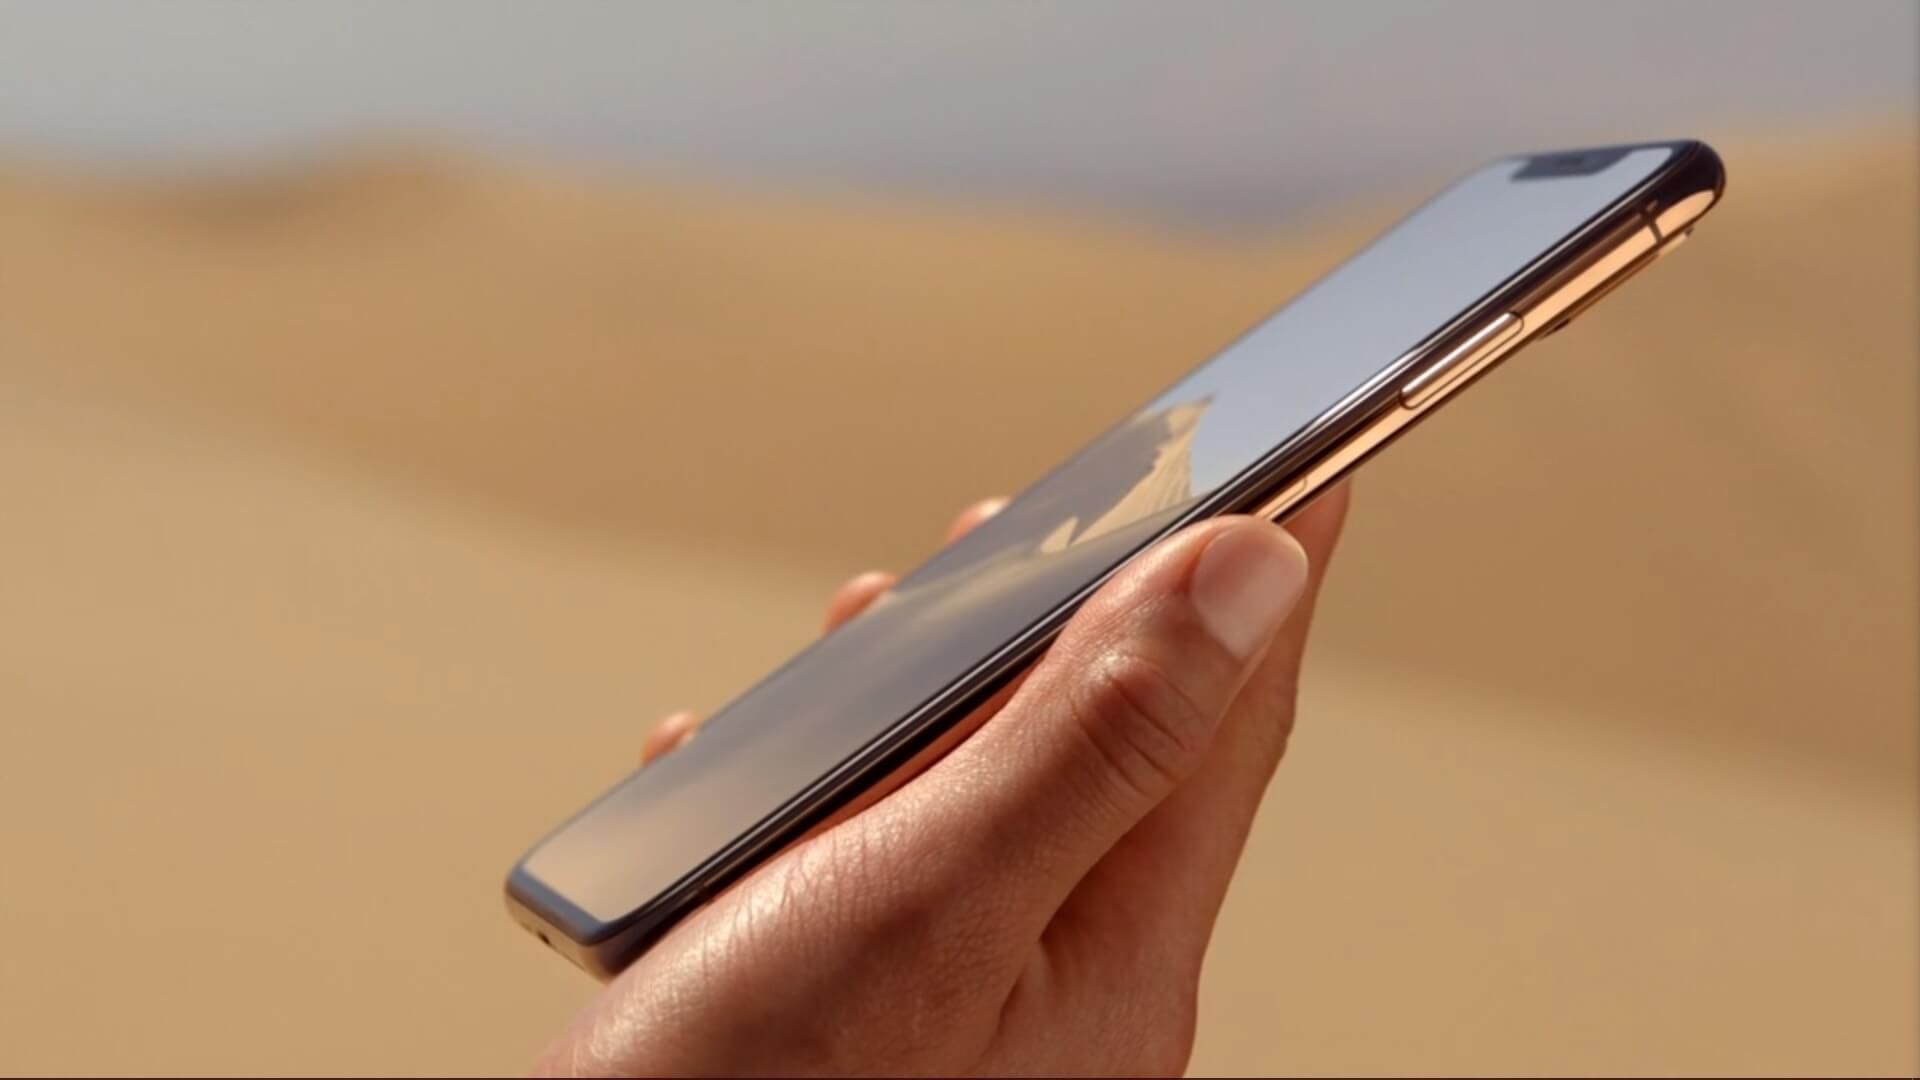 Neues Iphone Xs Max Explodiert Besitzer Kommt Mit Schreck Davon